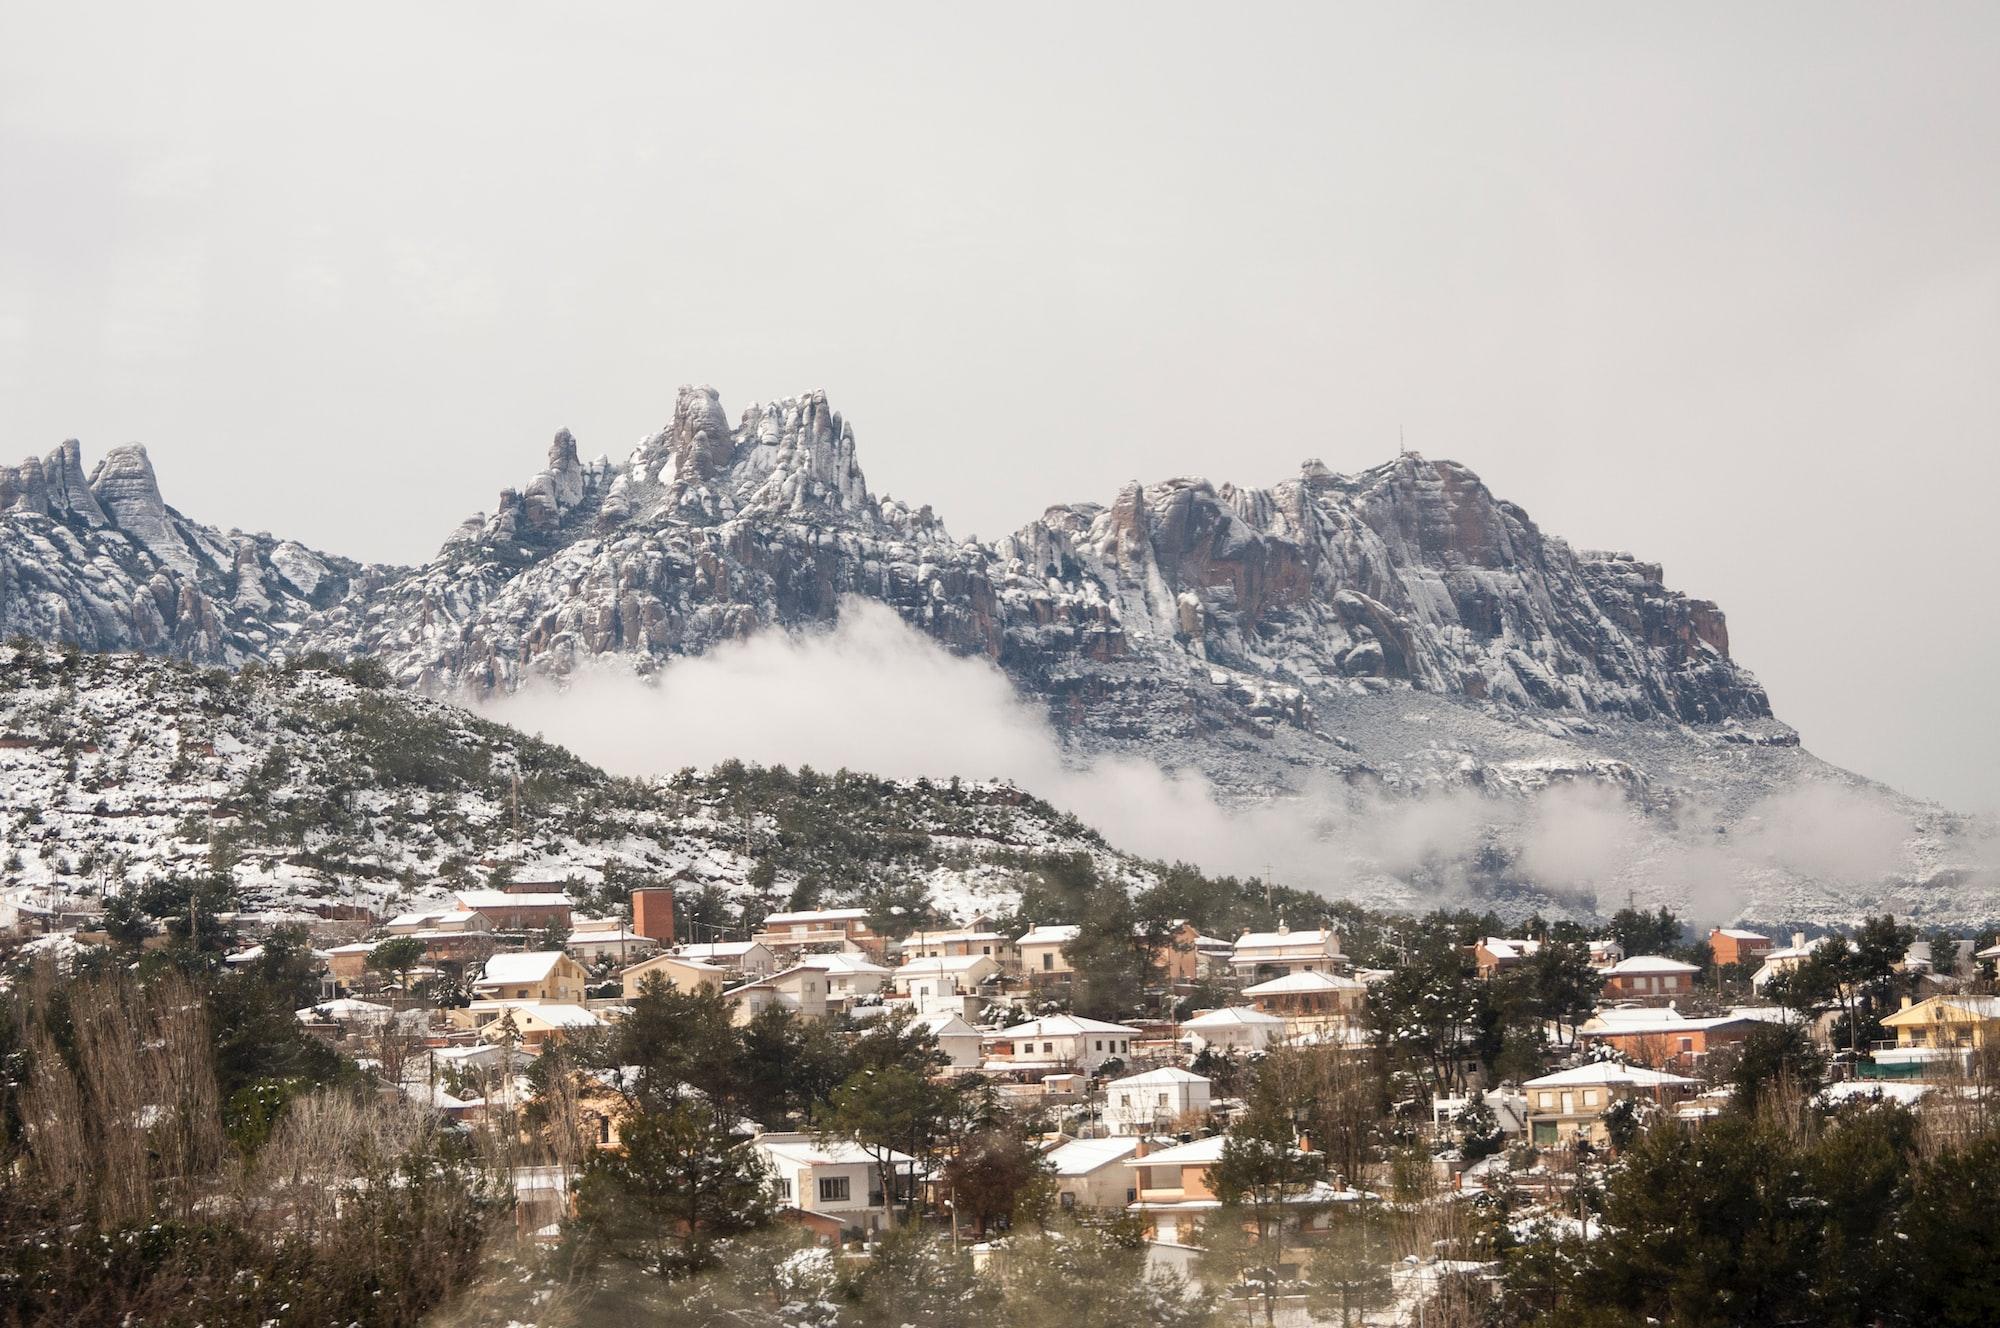 Mountainside village in Spain